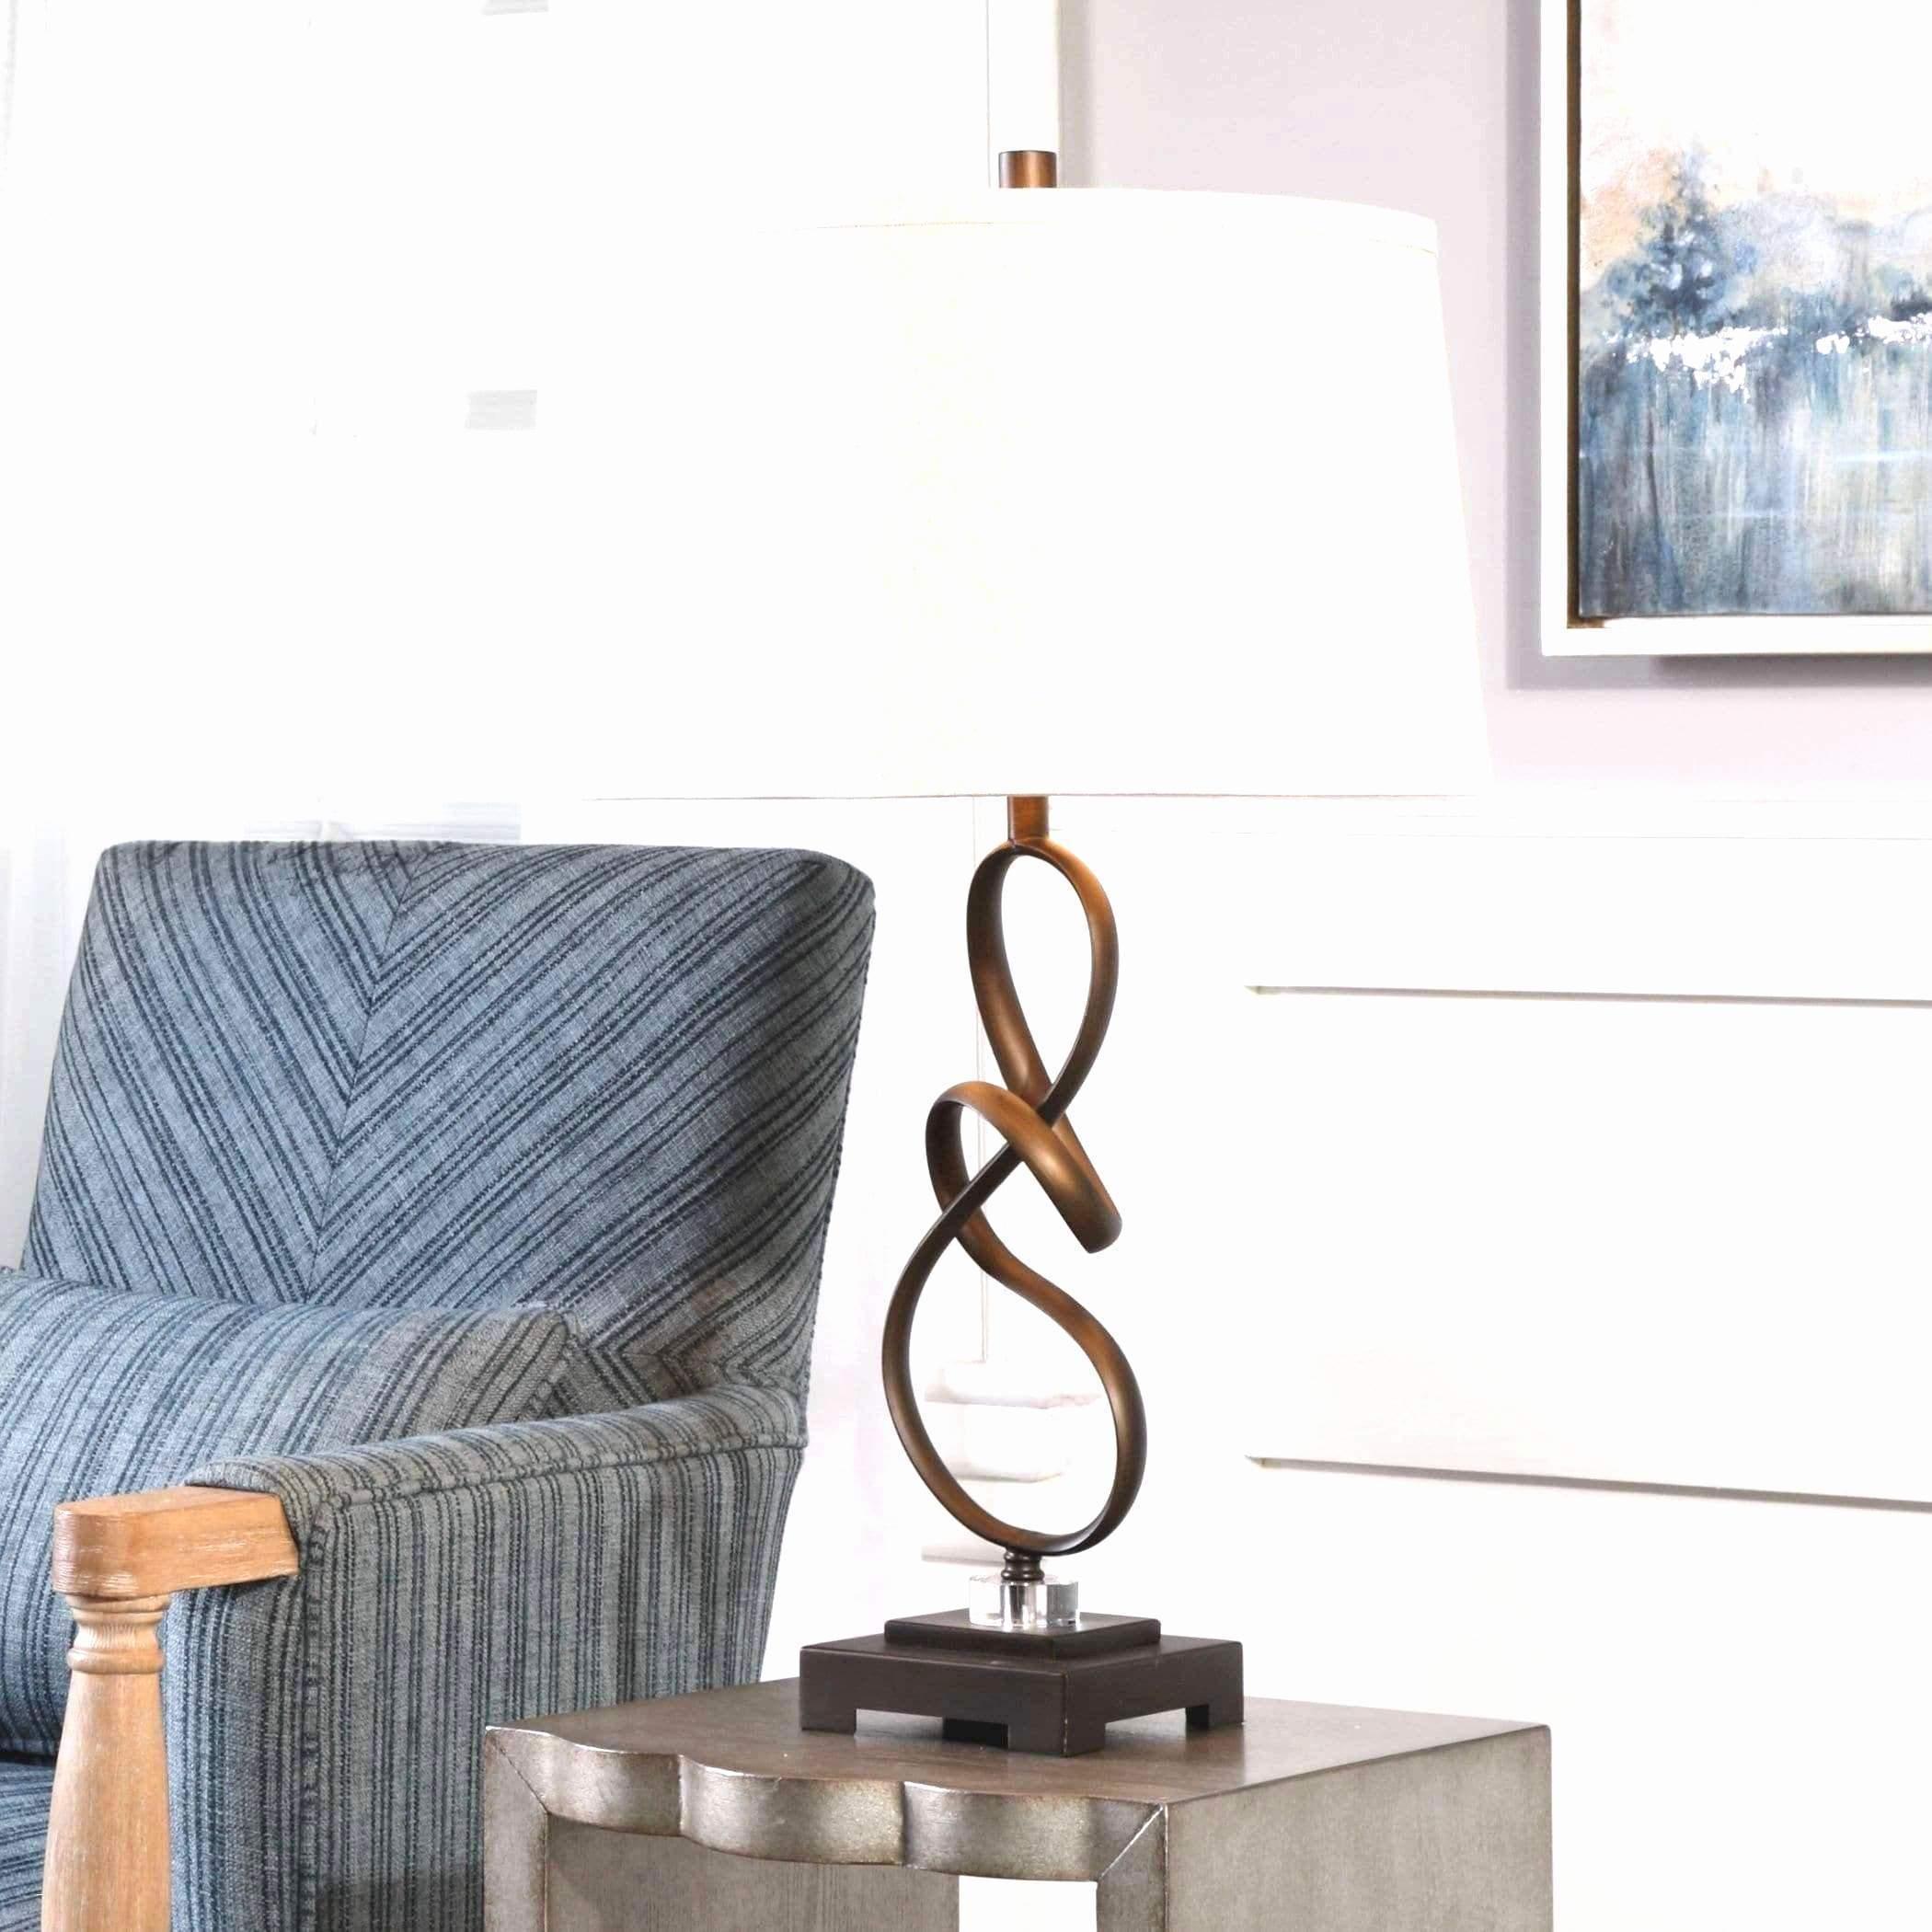 wohnzimmer deko wand schon wohnzimmer stehlampe elegant wohnzimmer wand design of wohnzimmer deko wand